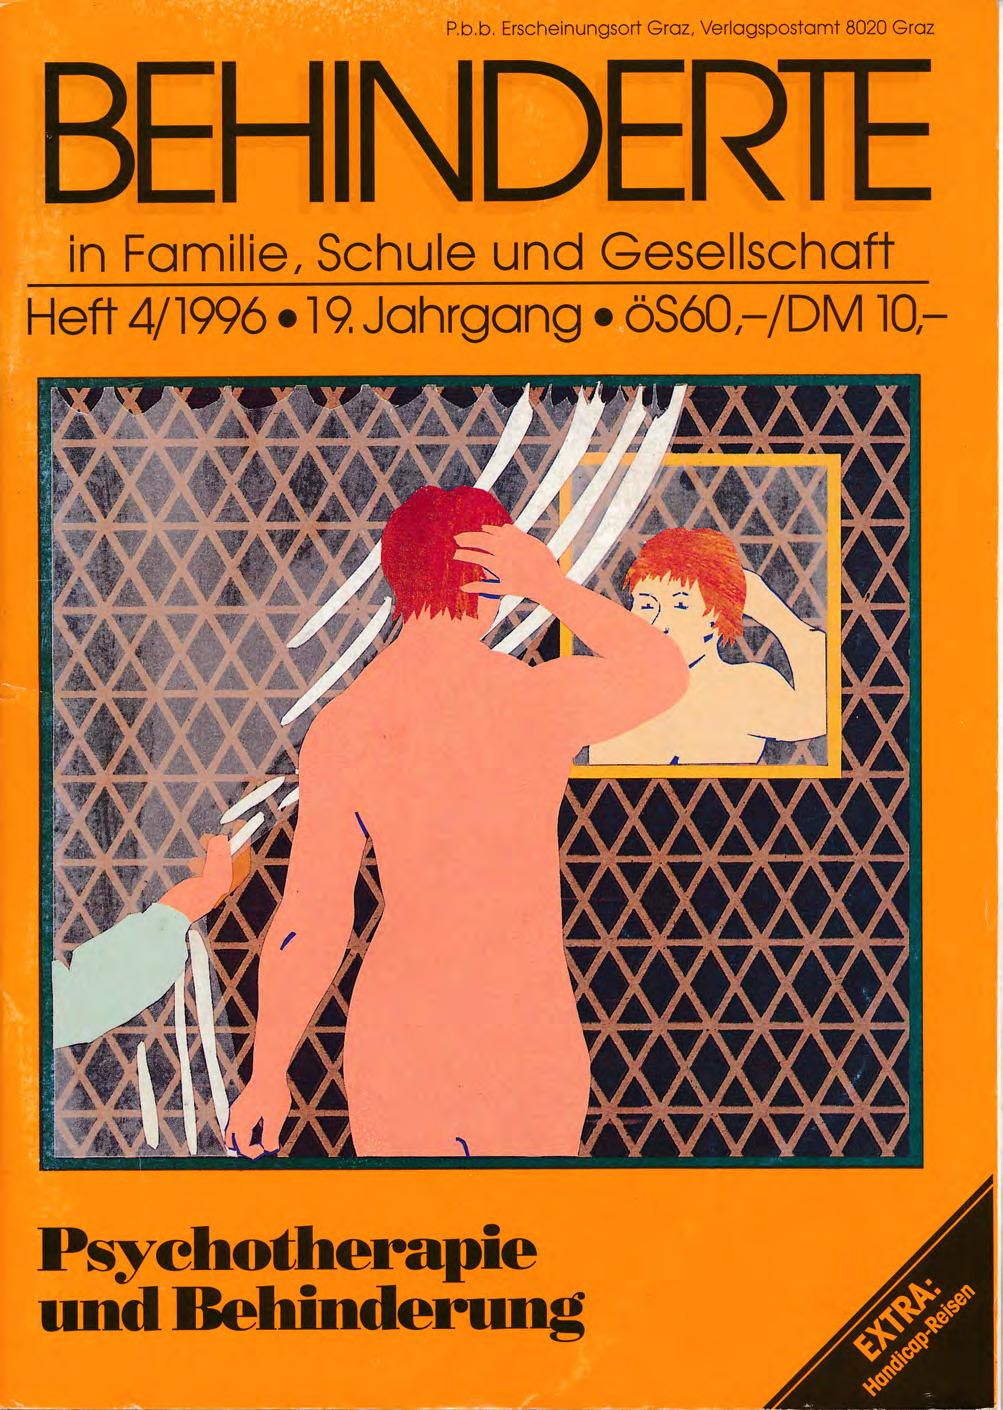 """Titelbild der Zeitschrift BEHINDERTE MENSCHEN, Ausgabe 4/1996 """"Psychotherapie und Behinderung"""""""